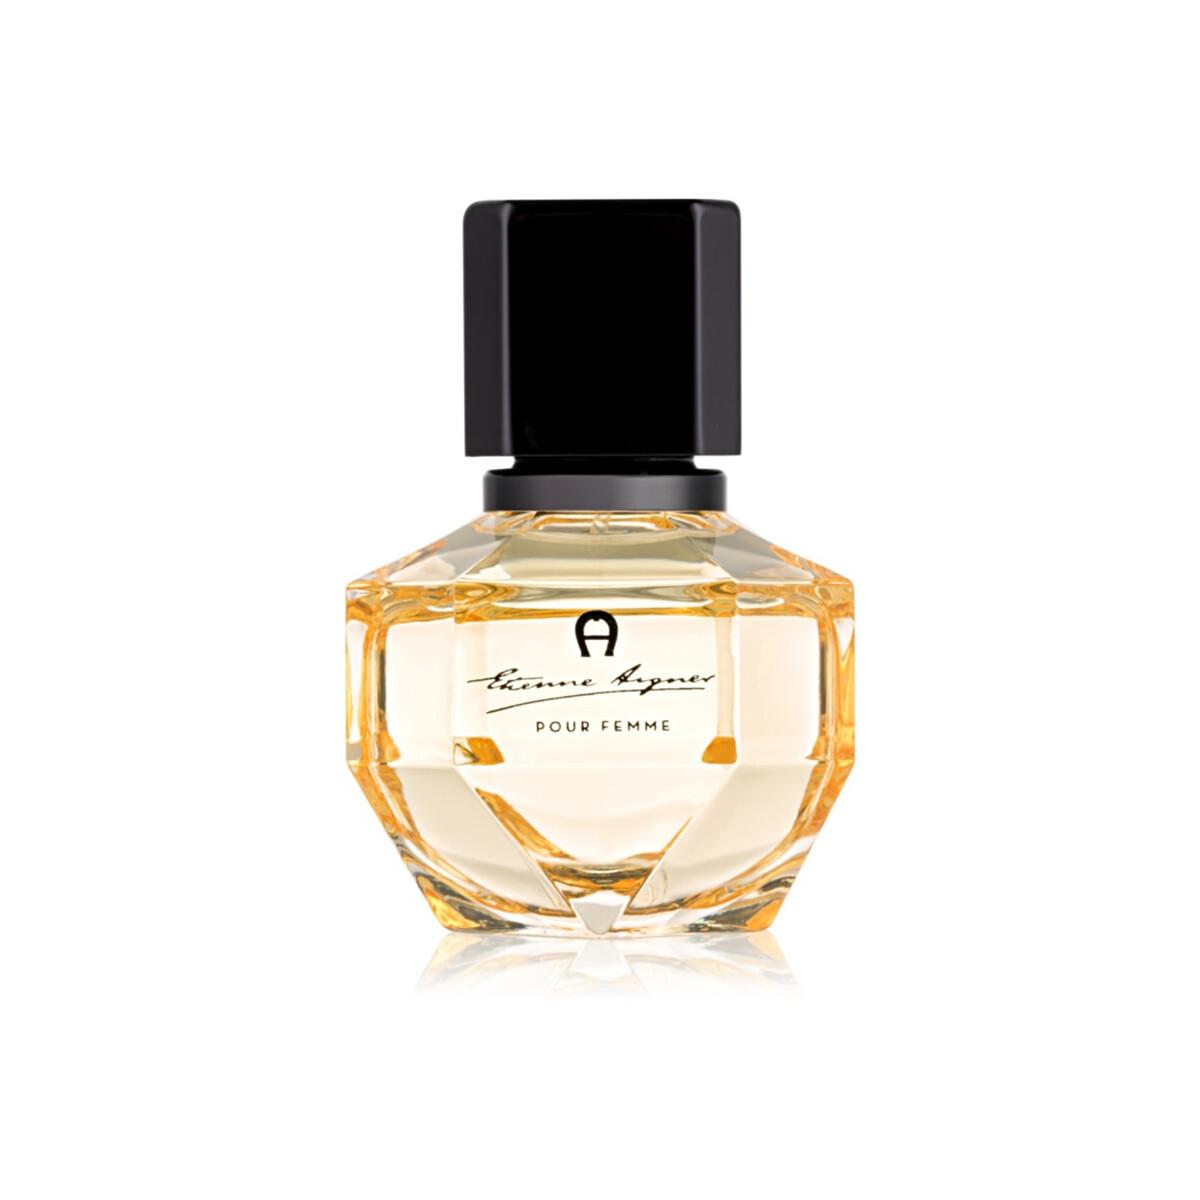 Aigner Pour Femme Eau de Perfume 30ml